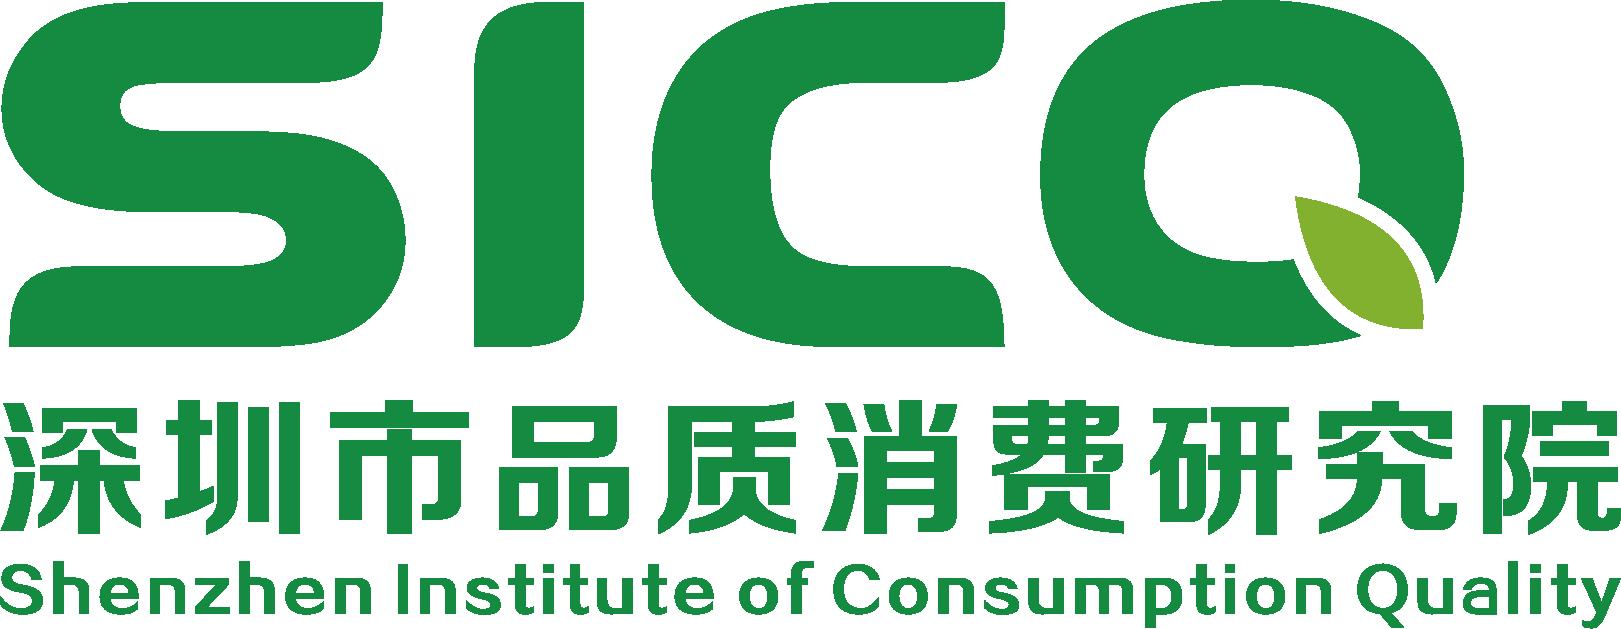 深圳市品质消费研究院--好品质发现者